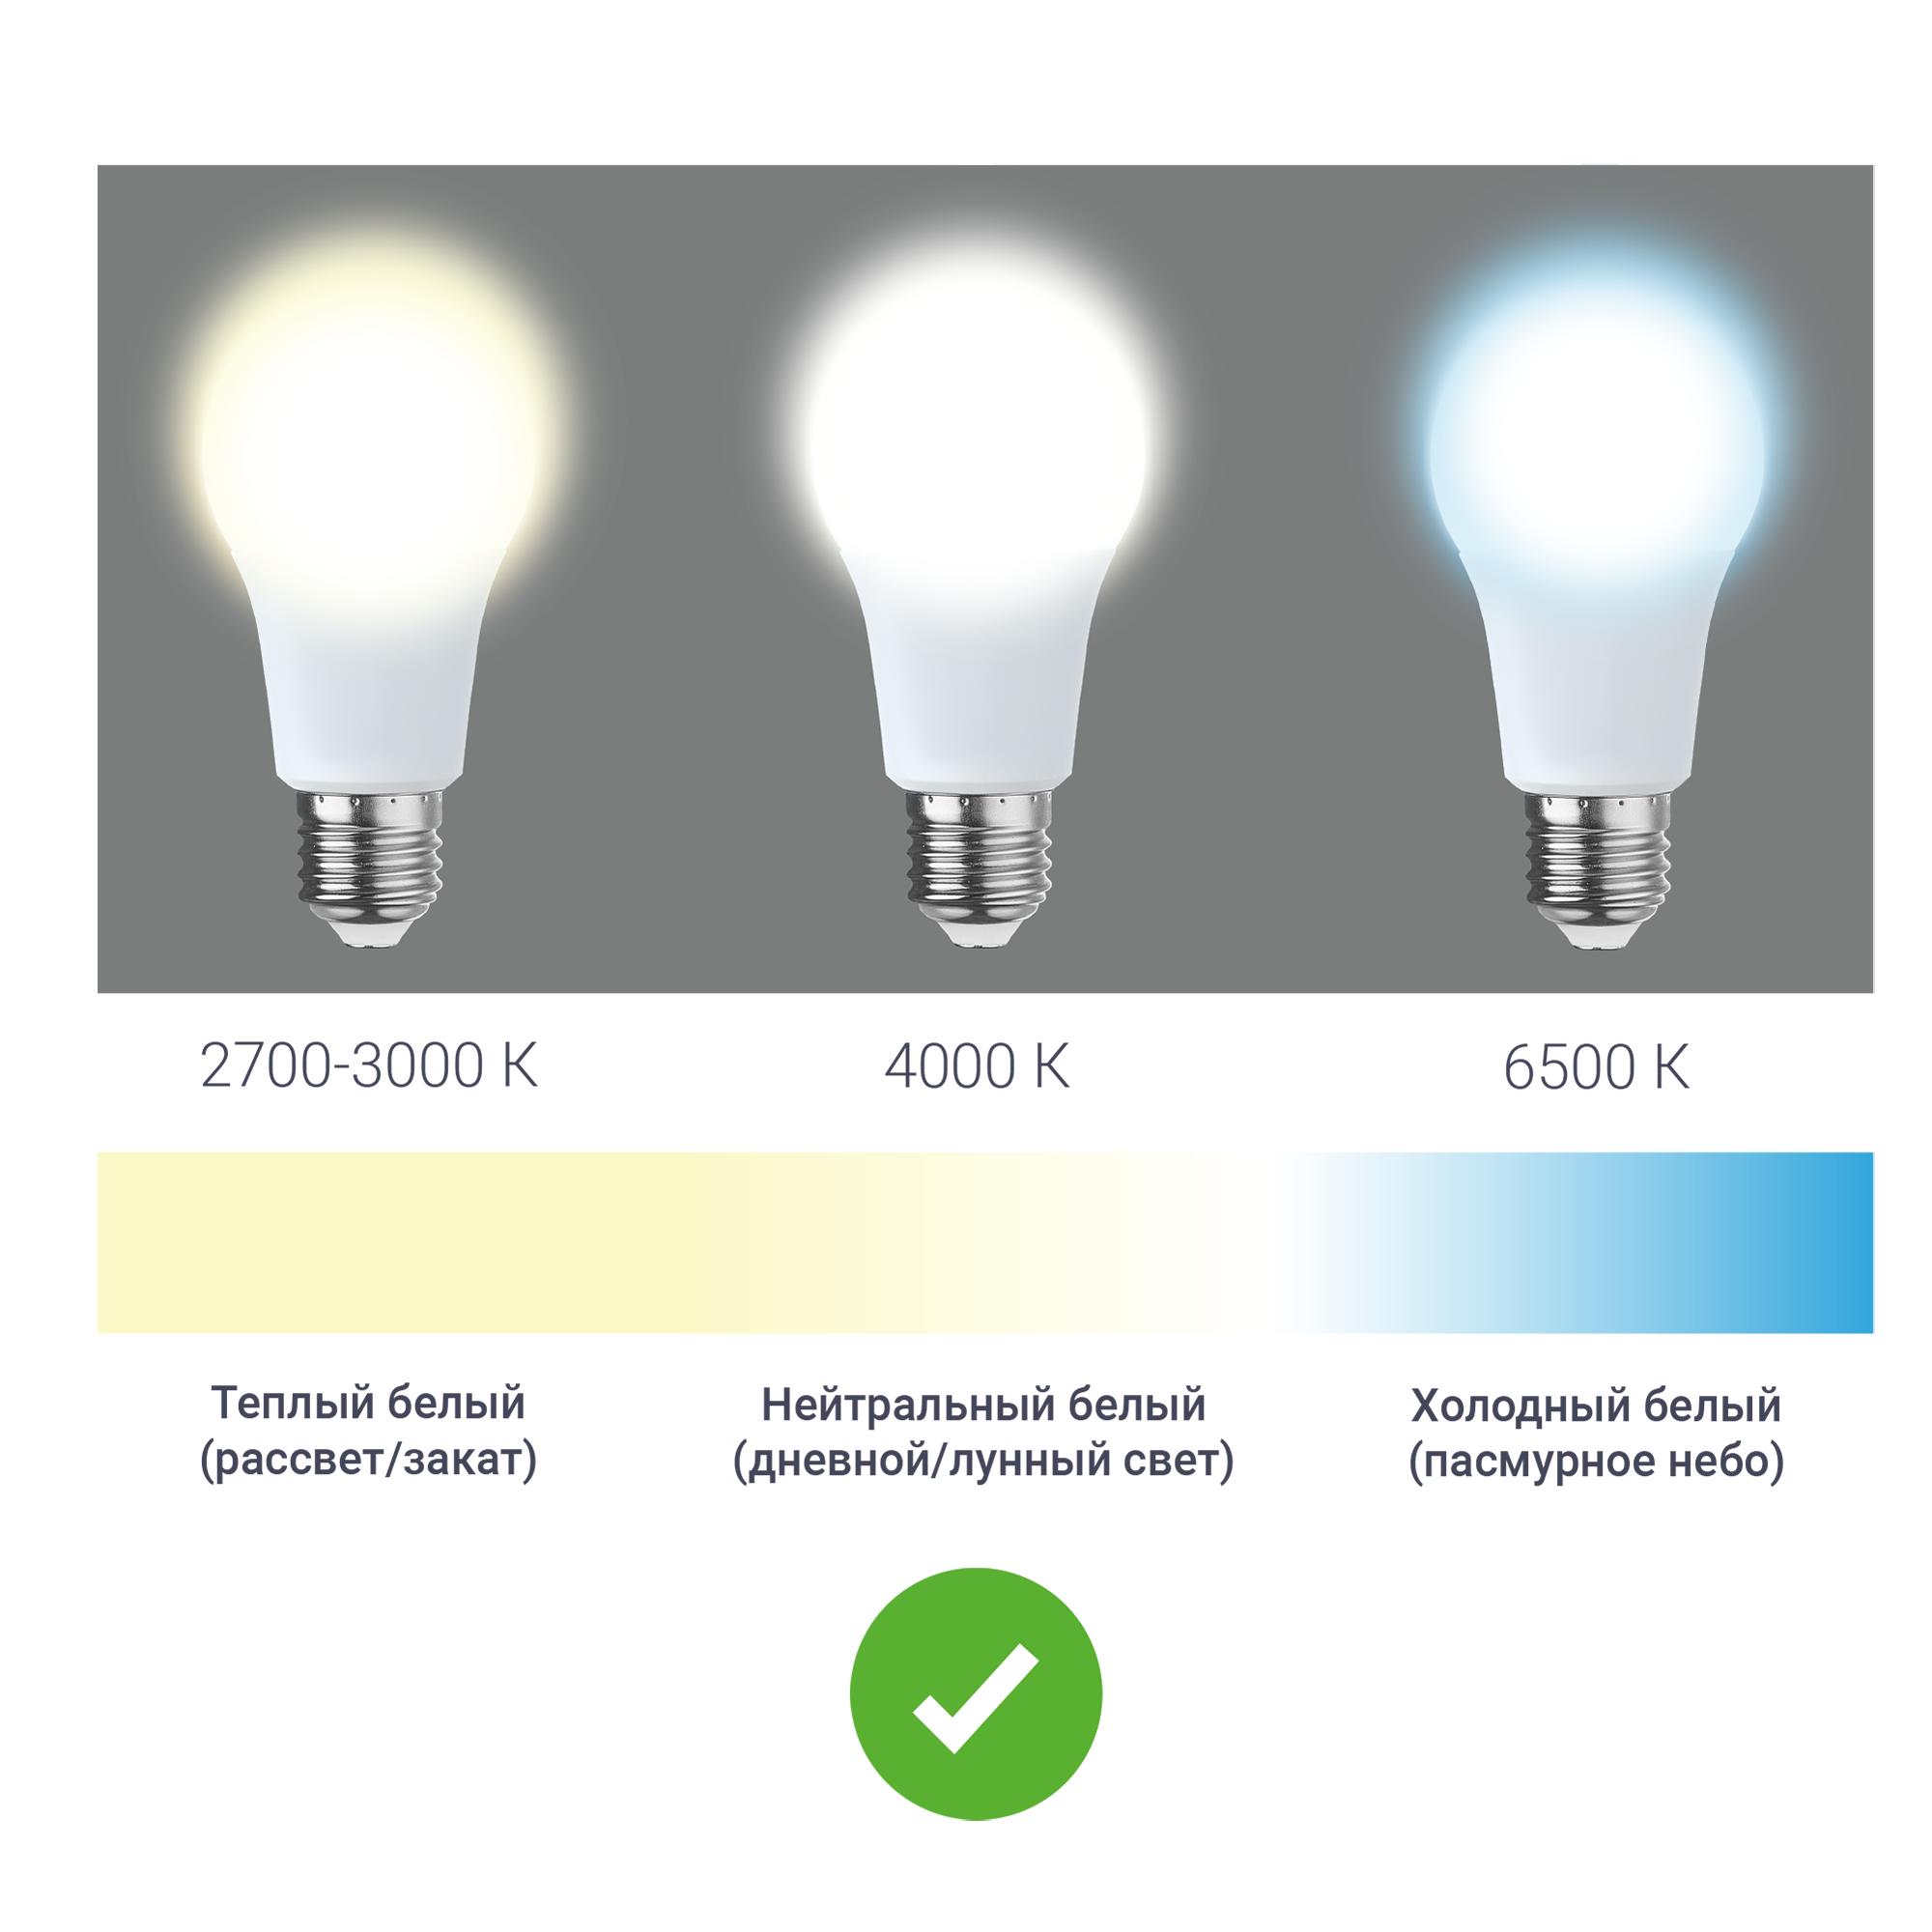 Лампа светодиодная Osram E14 220 В 6 Вт шар прозрачная 800 лм белый свет